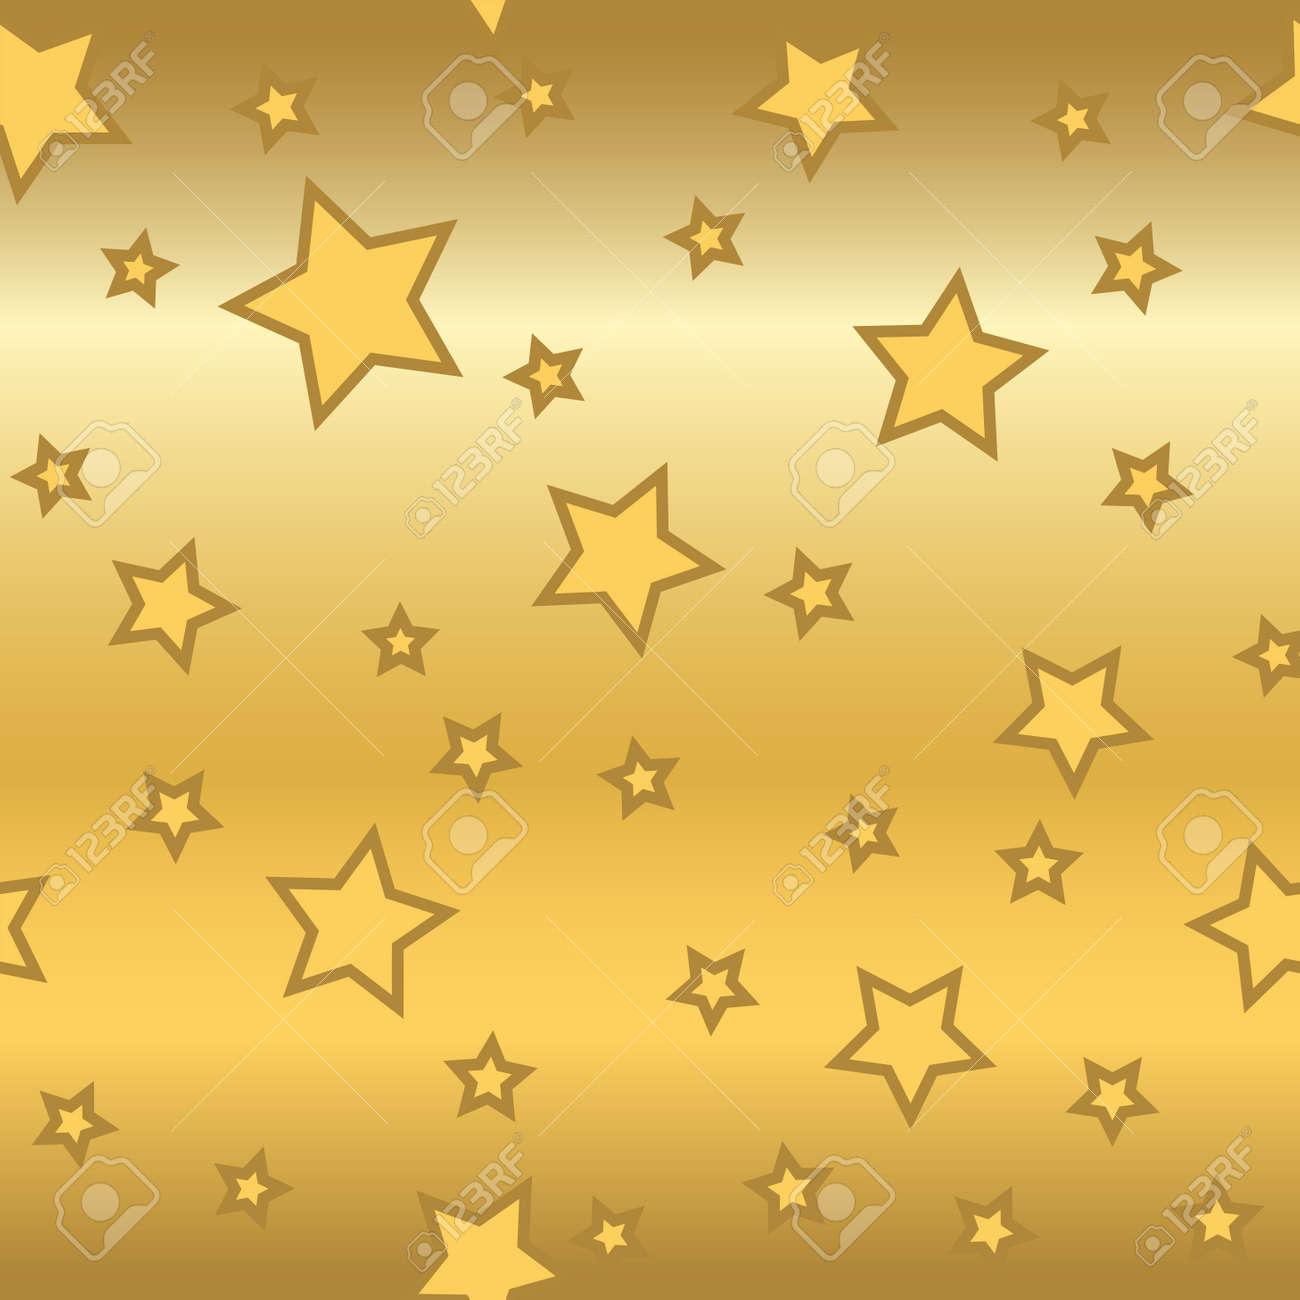 シームレスな星柄レトロなゴールドの背景 キラキラ カオス要素 抽象